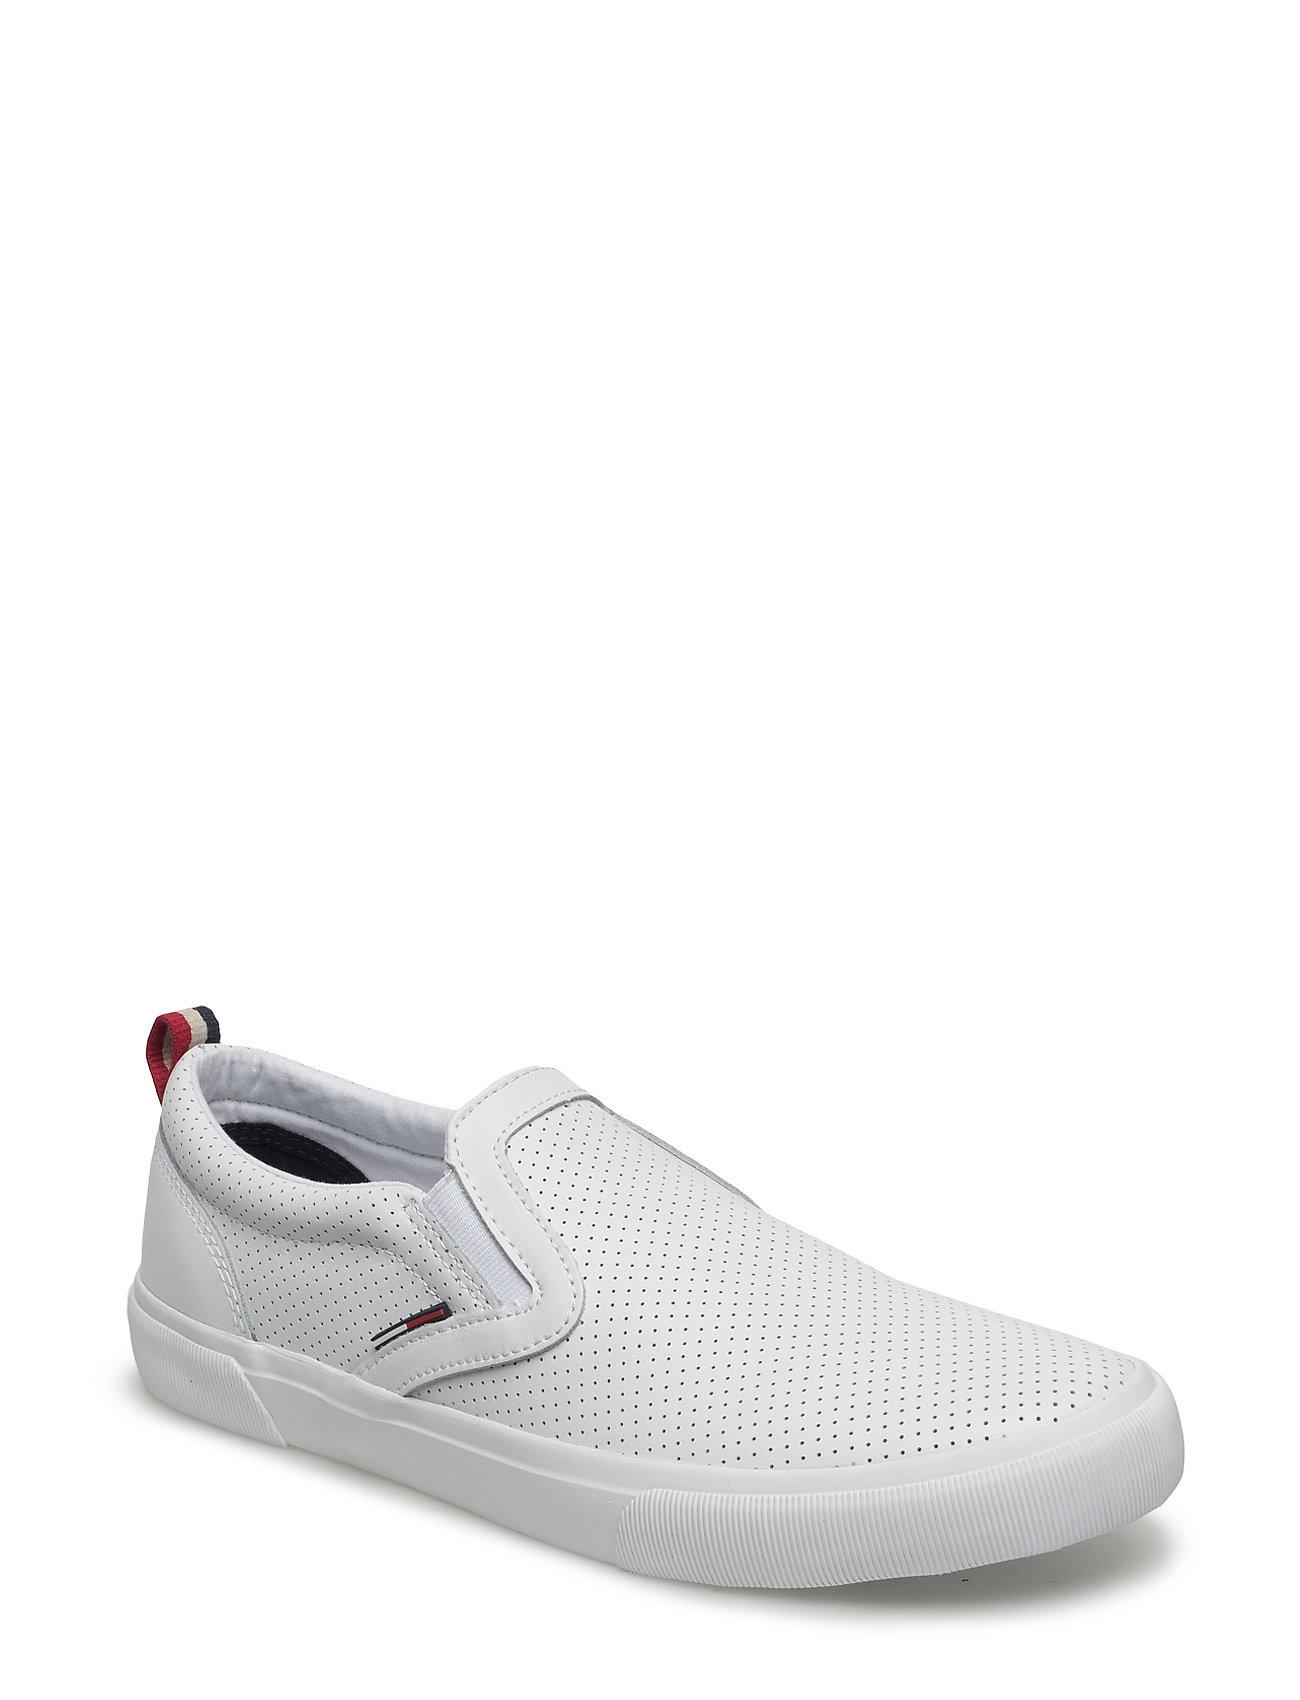 V2385ibe 2a Tommy Hilfiger Sneakers til Herrer i hvid